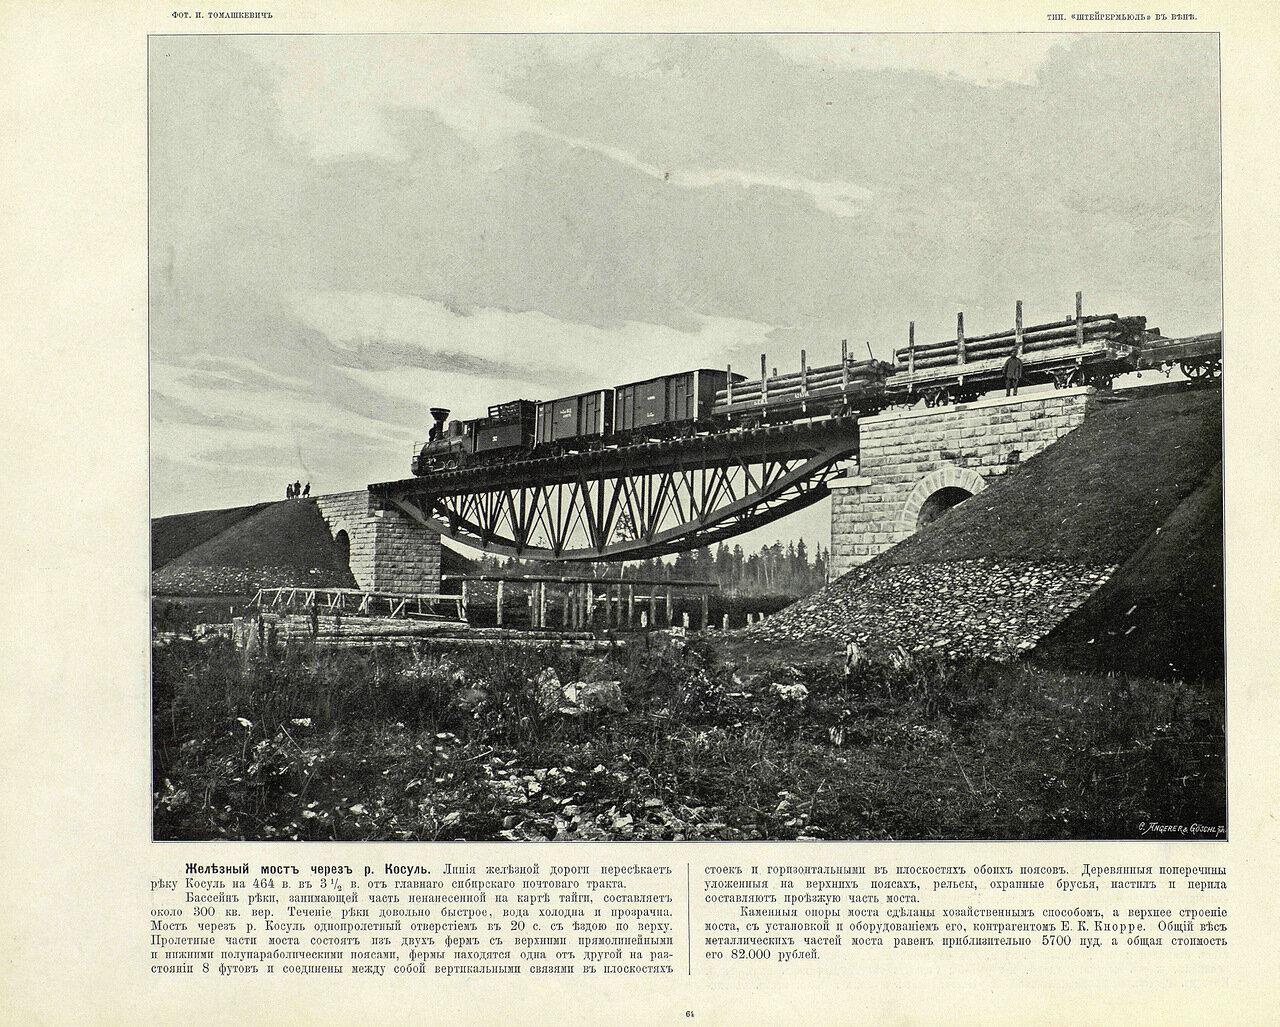 64. Железный мост через реку Косуль